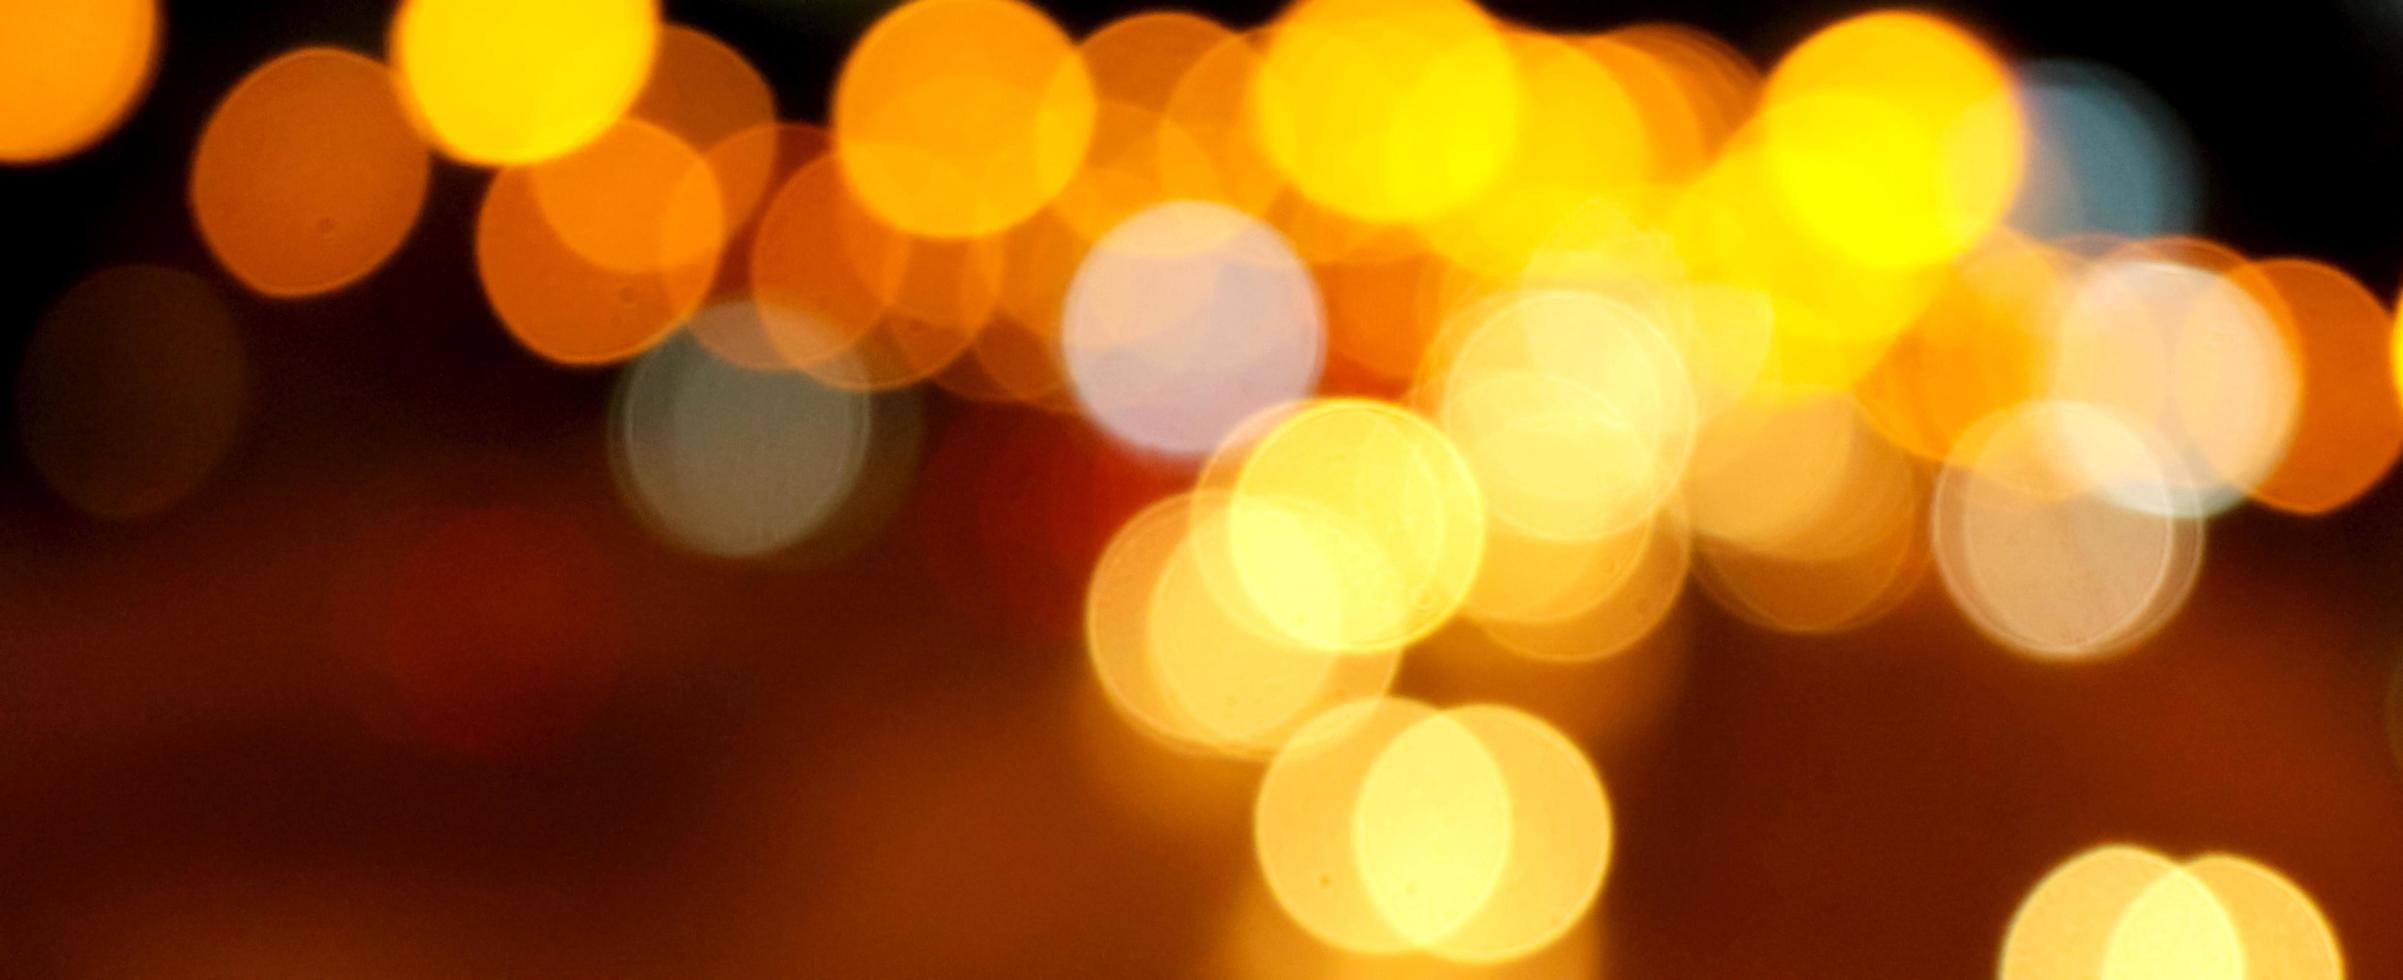 gele en oranje bokehlichten foto